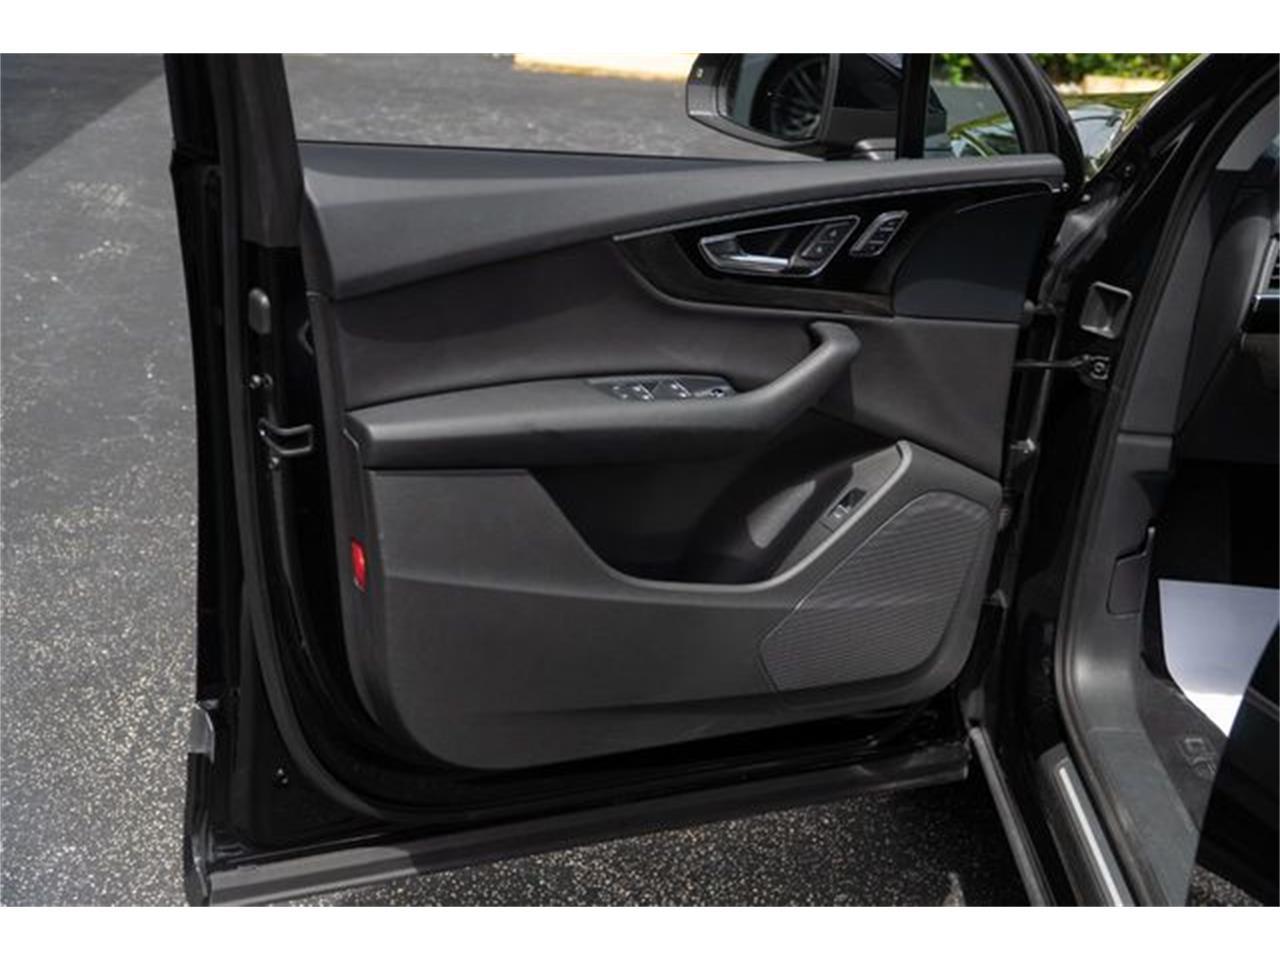 2017 Audi Q7 (CC-1391492) for sale in Miami, Florida